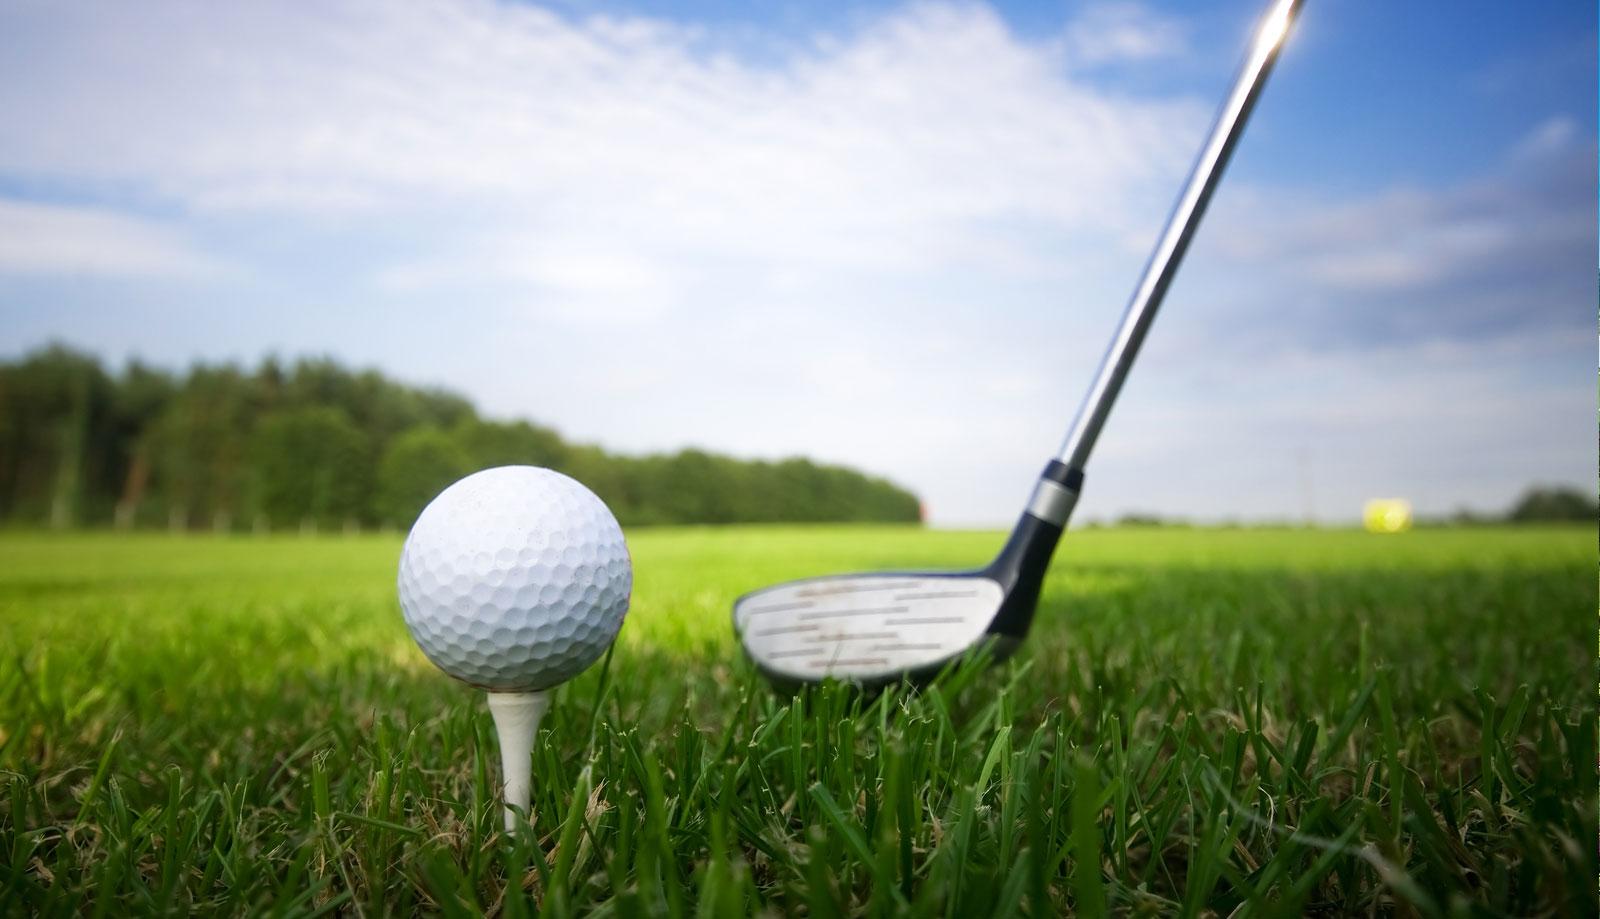 Статистика в гольфе. Как делать прогнозы?